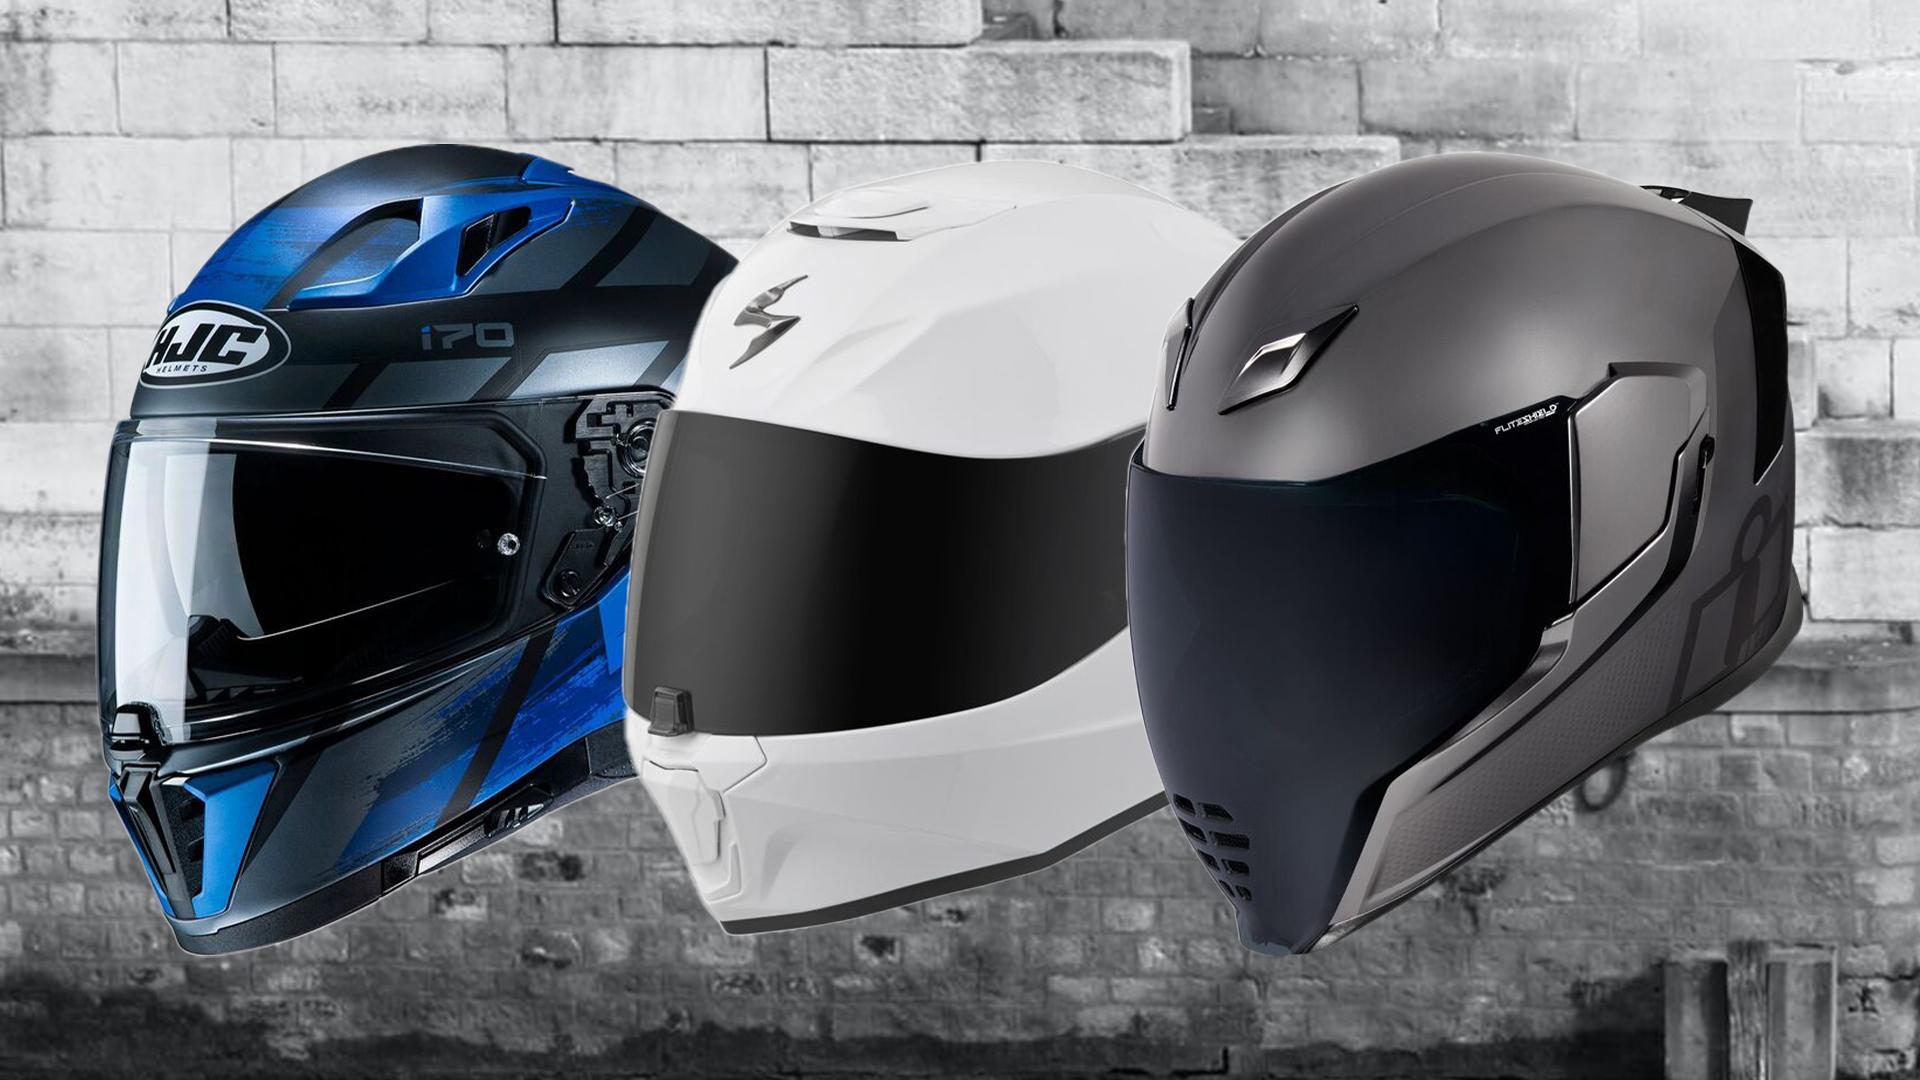 Best Full Face Helmets Under 500 for Beginners